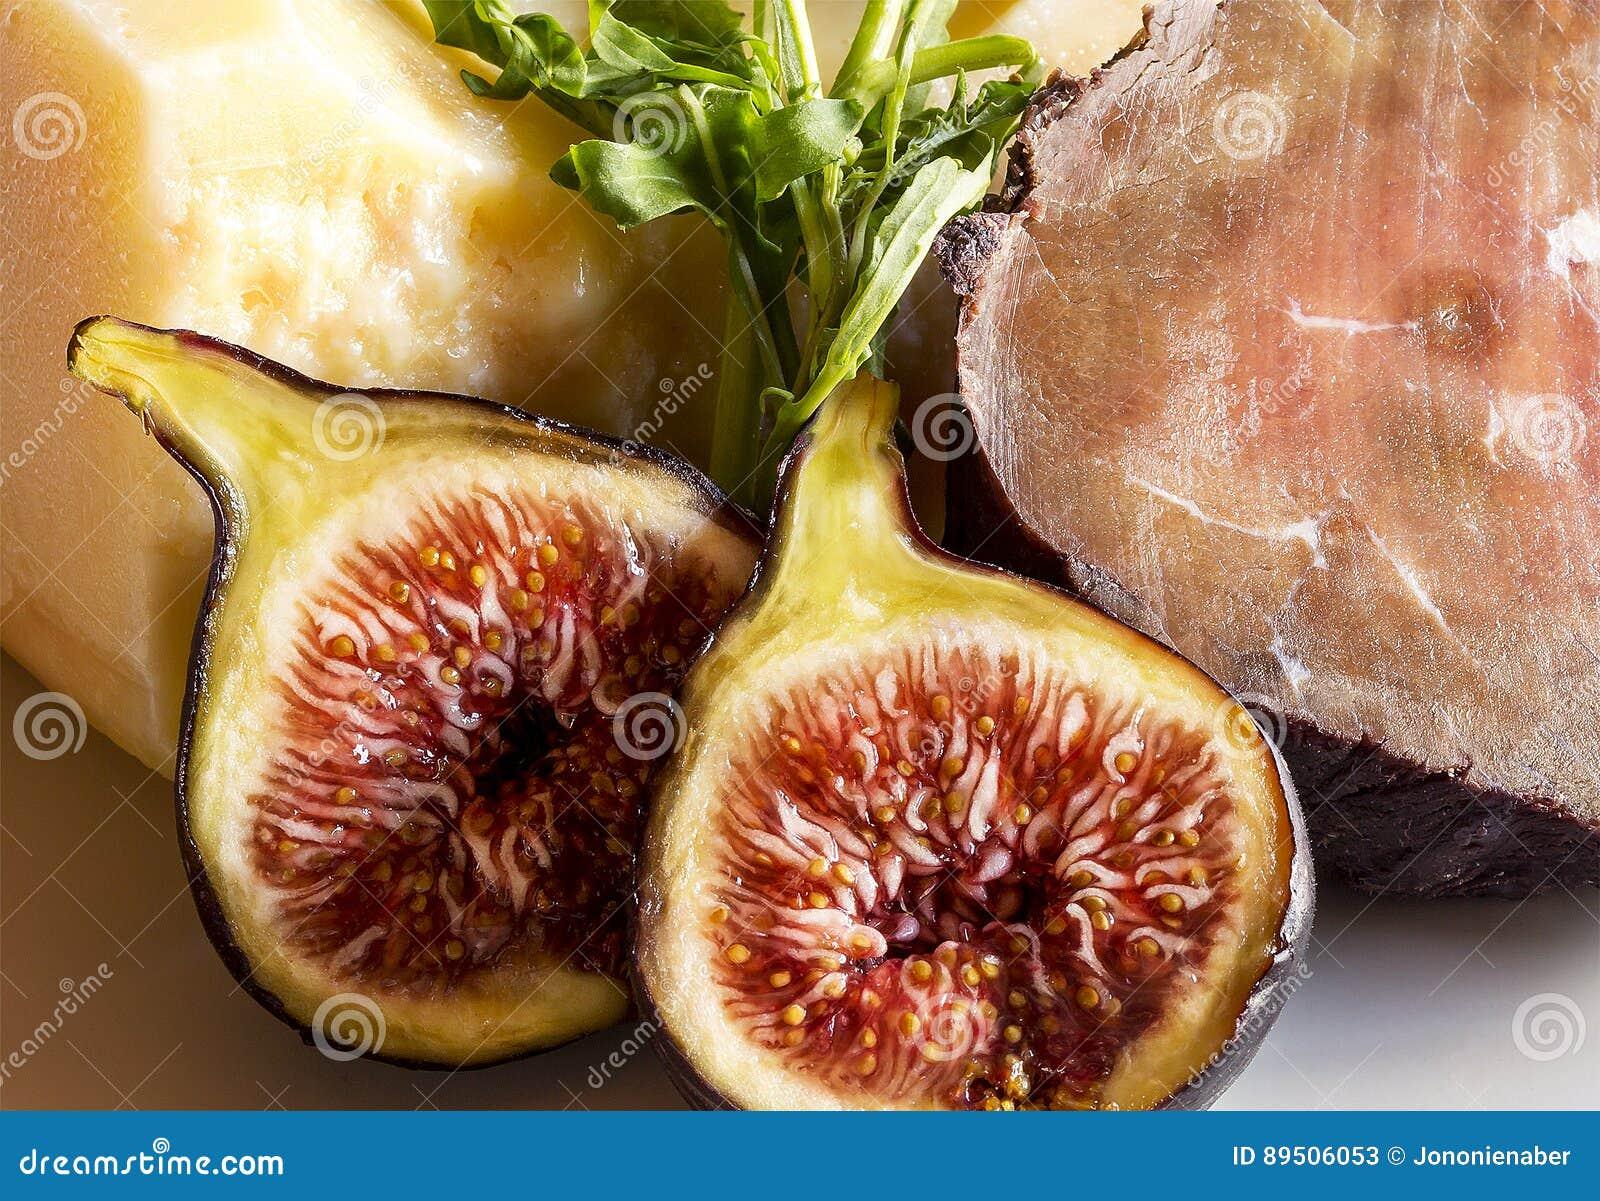 Fichi bresaola parmigiano immagine stock immagine di cuisine